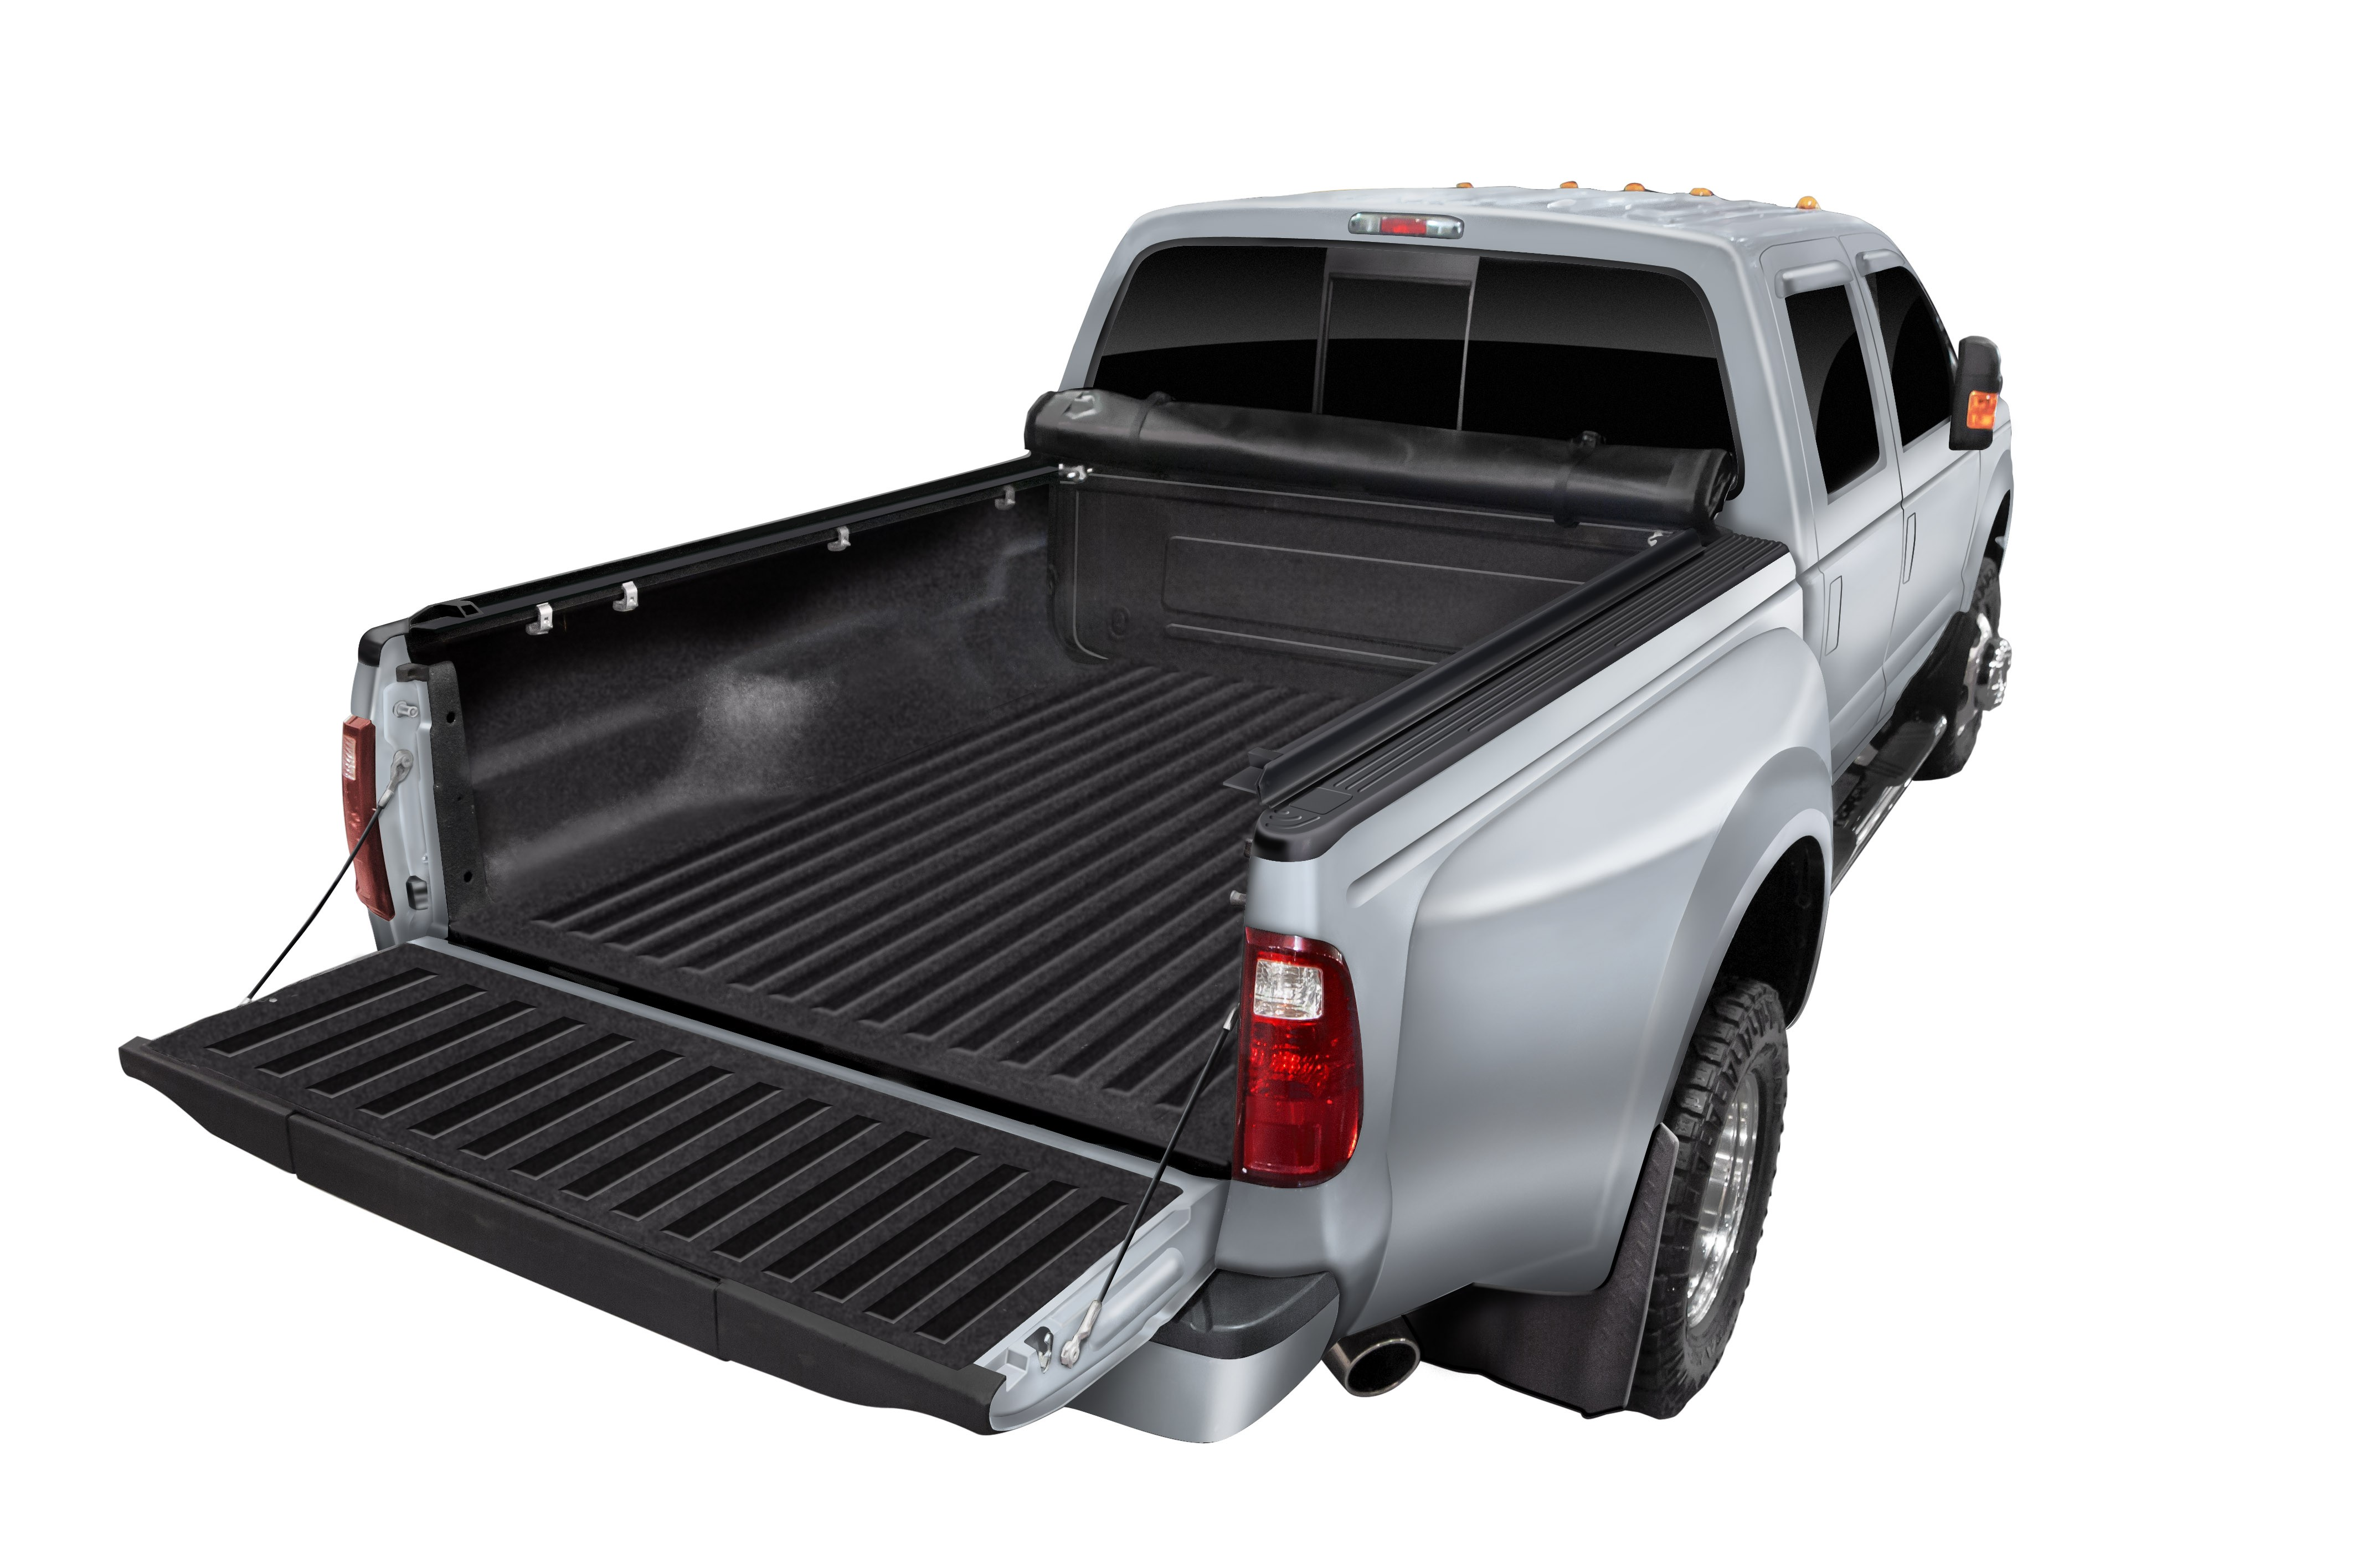 Rust Oleum Truck Bed Coating 124 oz Walmart